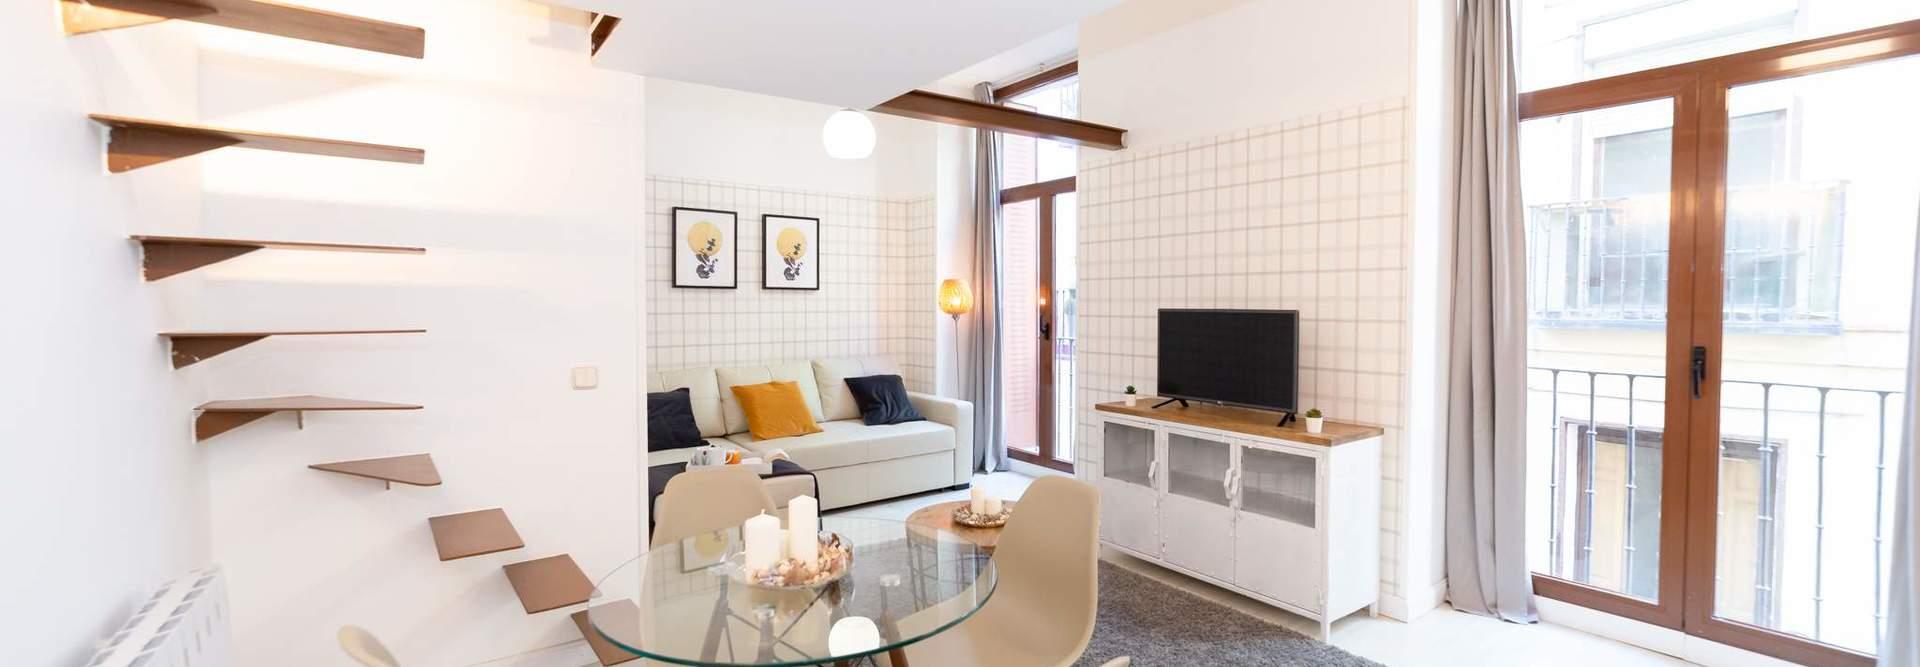 Alquiler de apartamentos por das Madrid centro